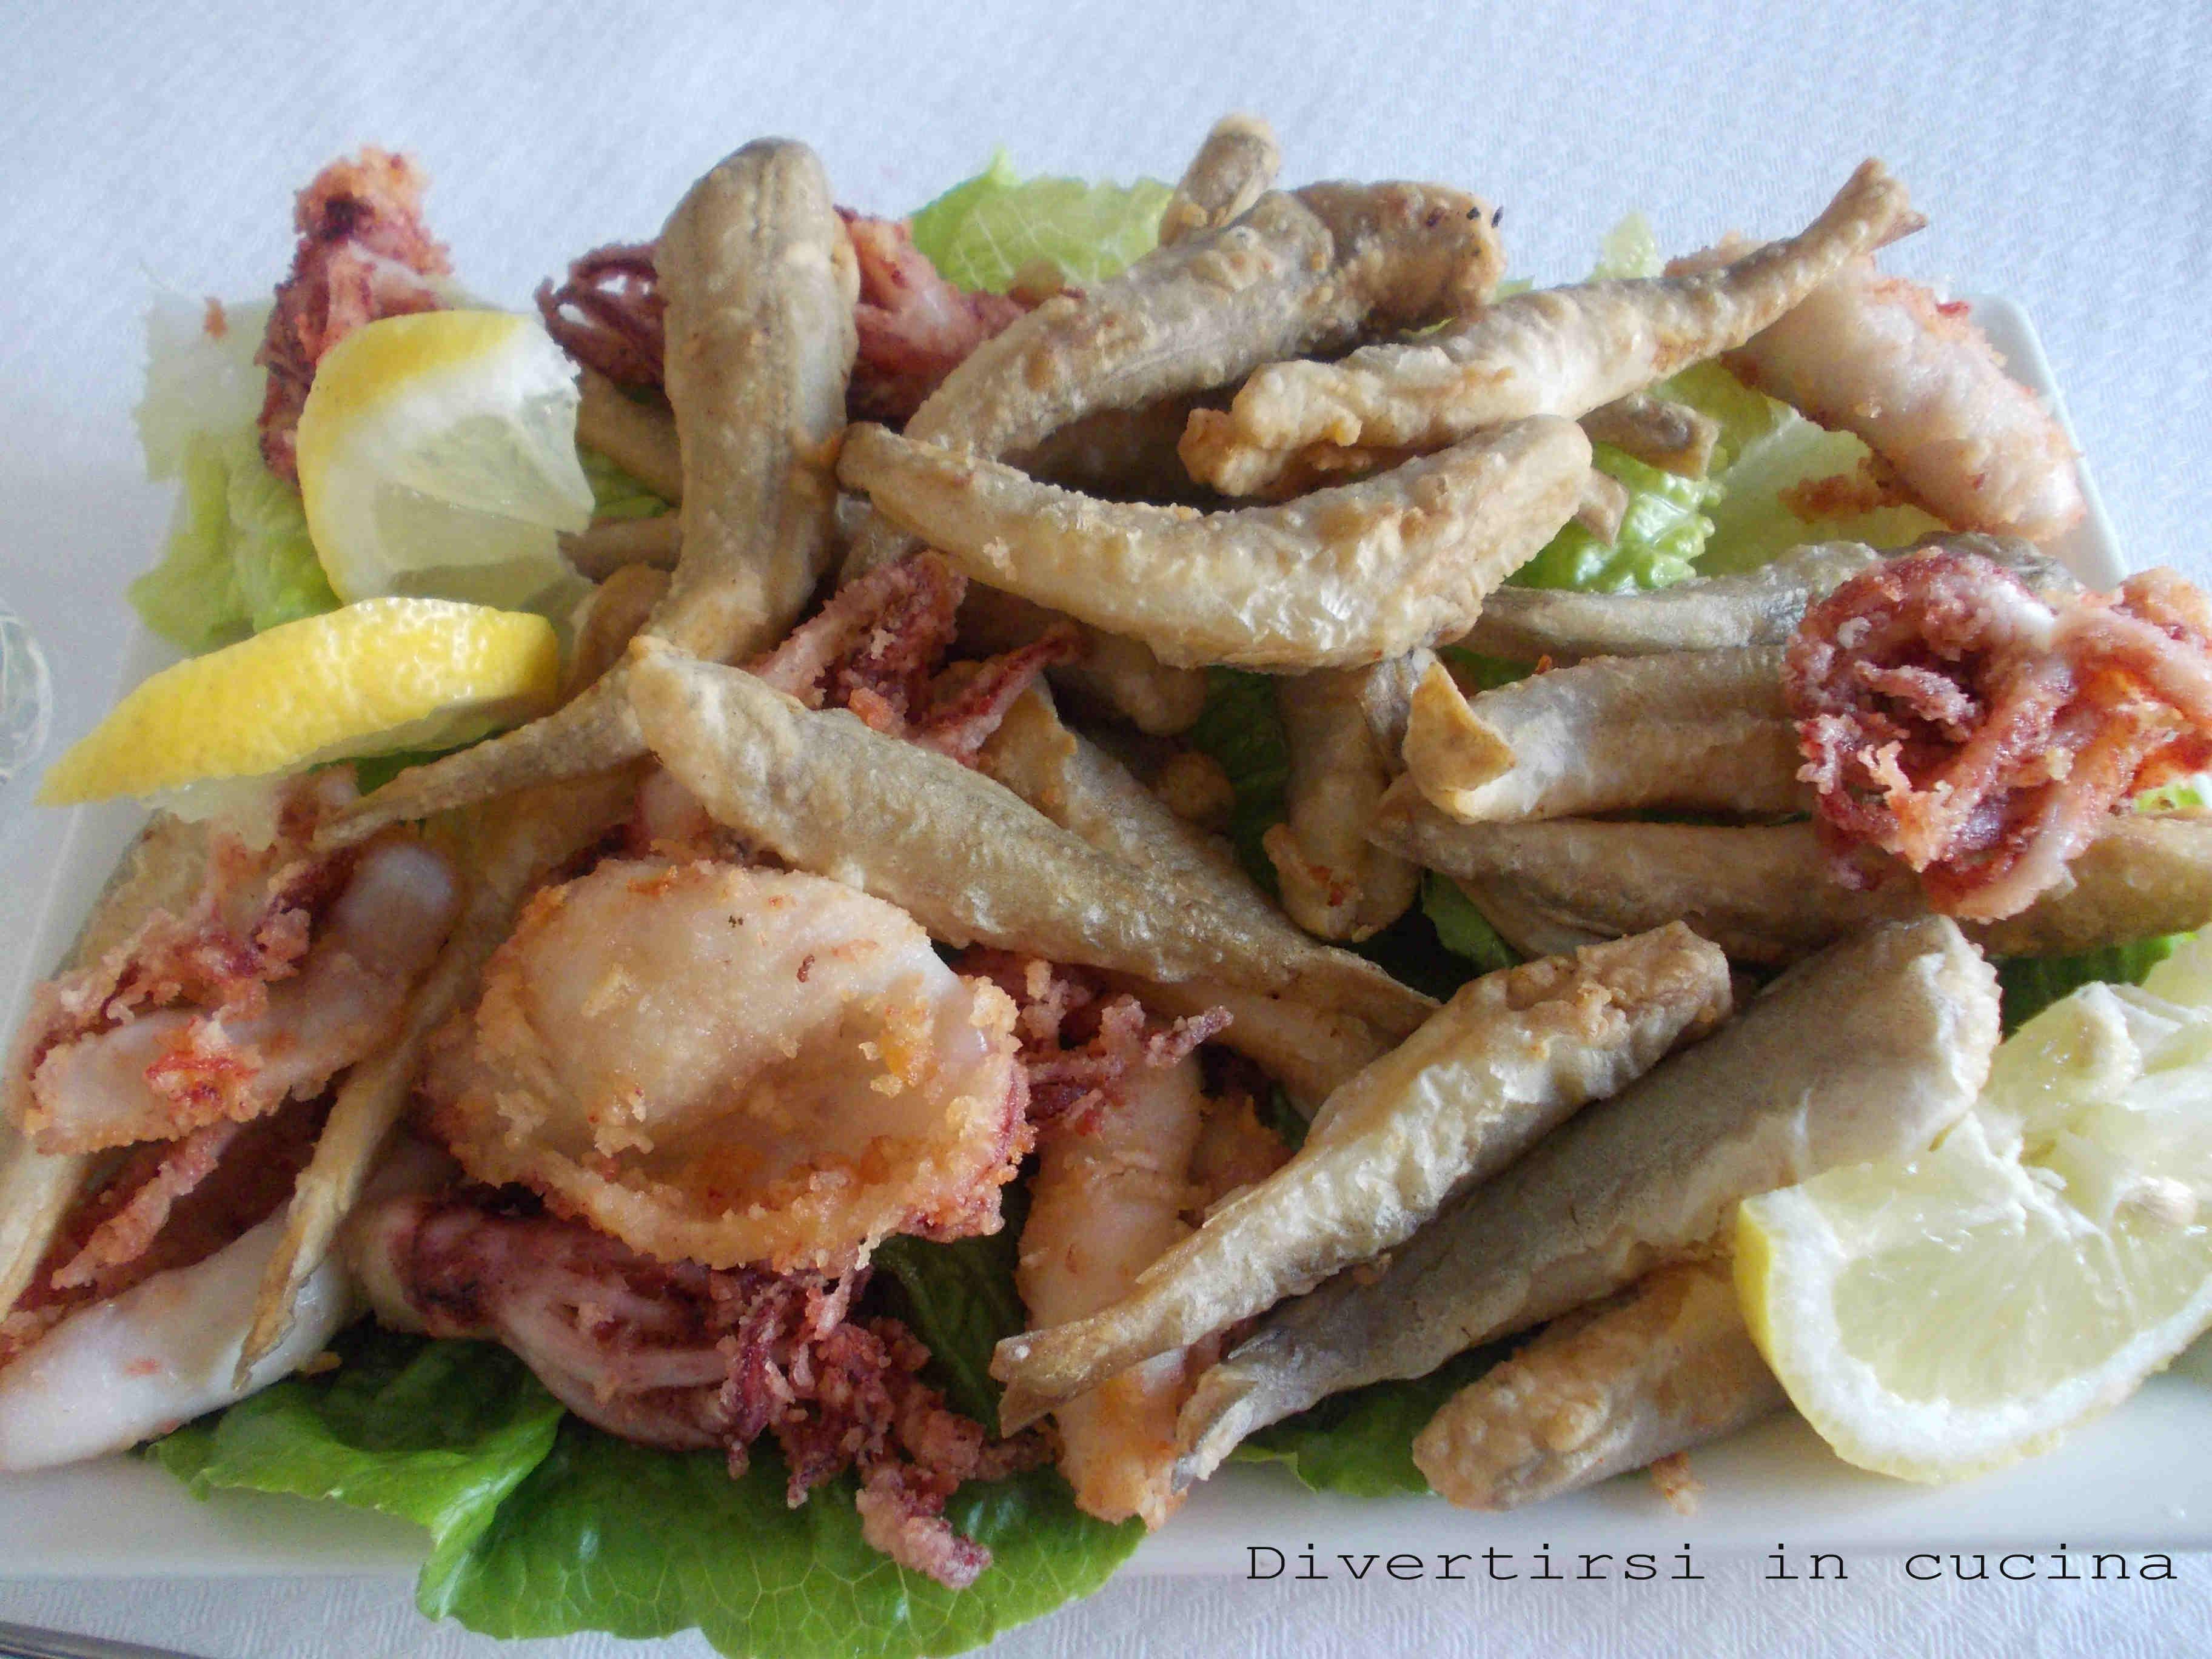 La Frittura Di Pesce Con Insalata Mista E Fettine Di Limone #496821 3648 2736 Foto Di Mattonelle Per Cucina